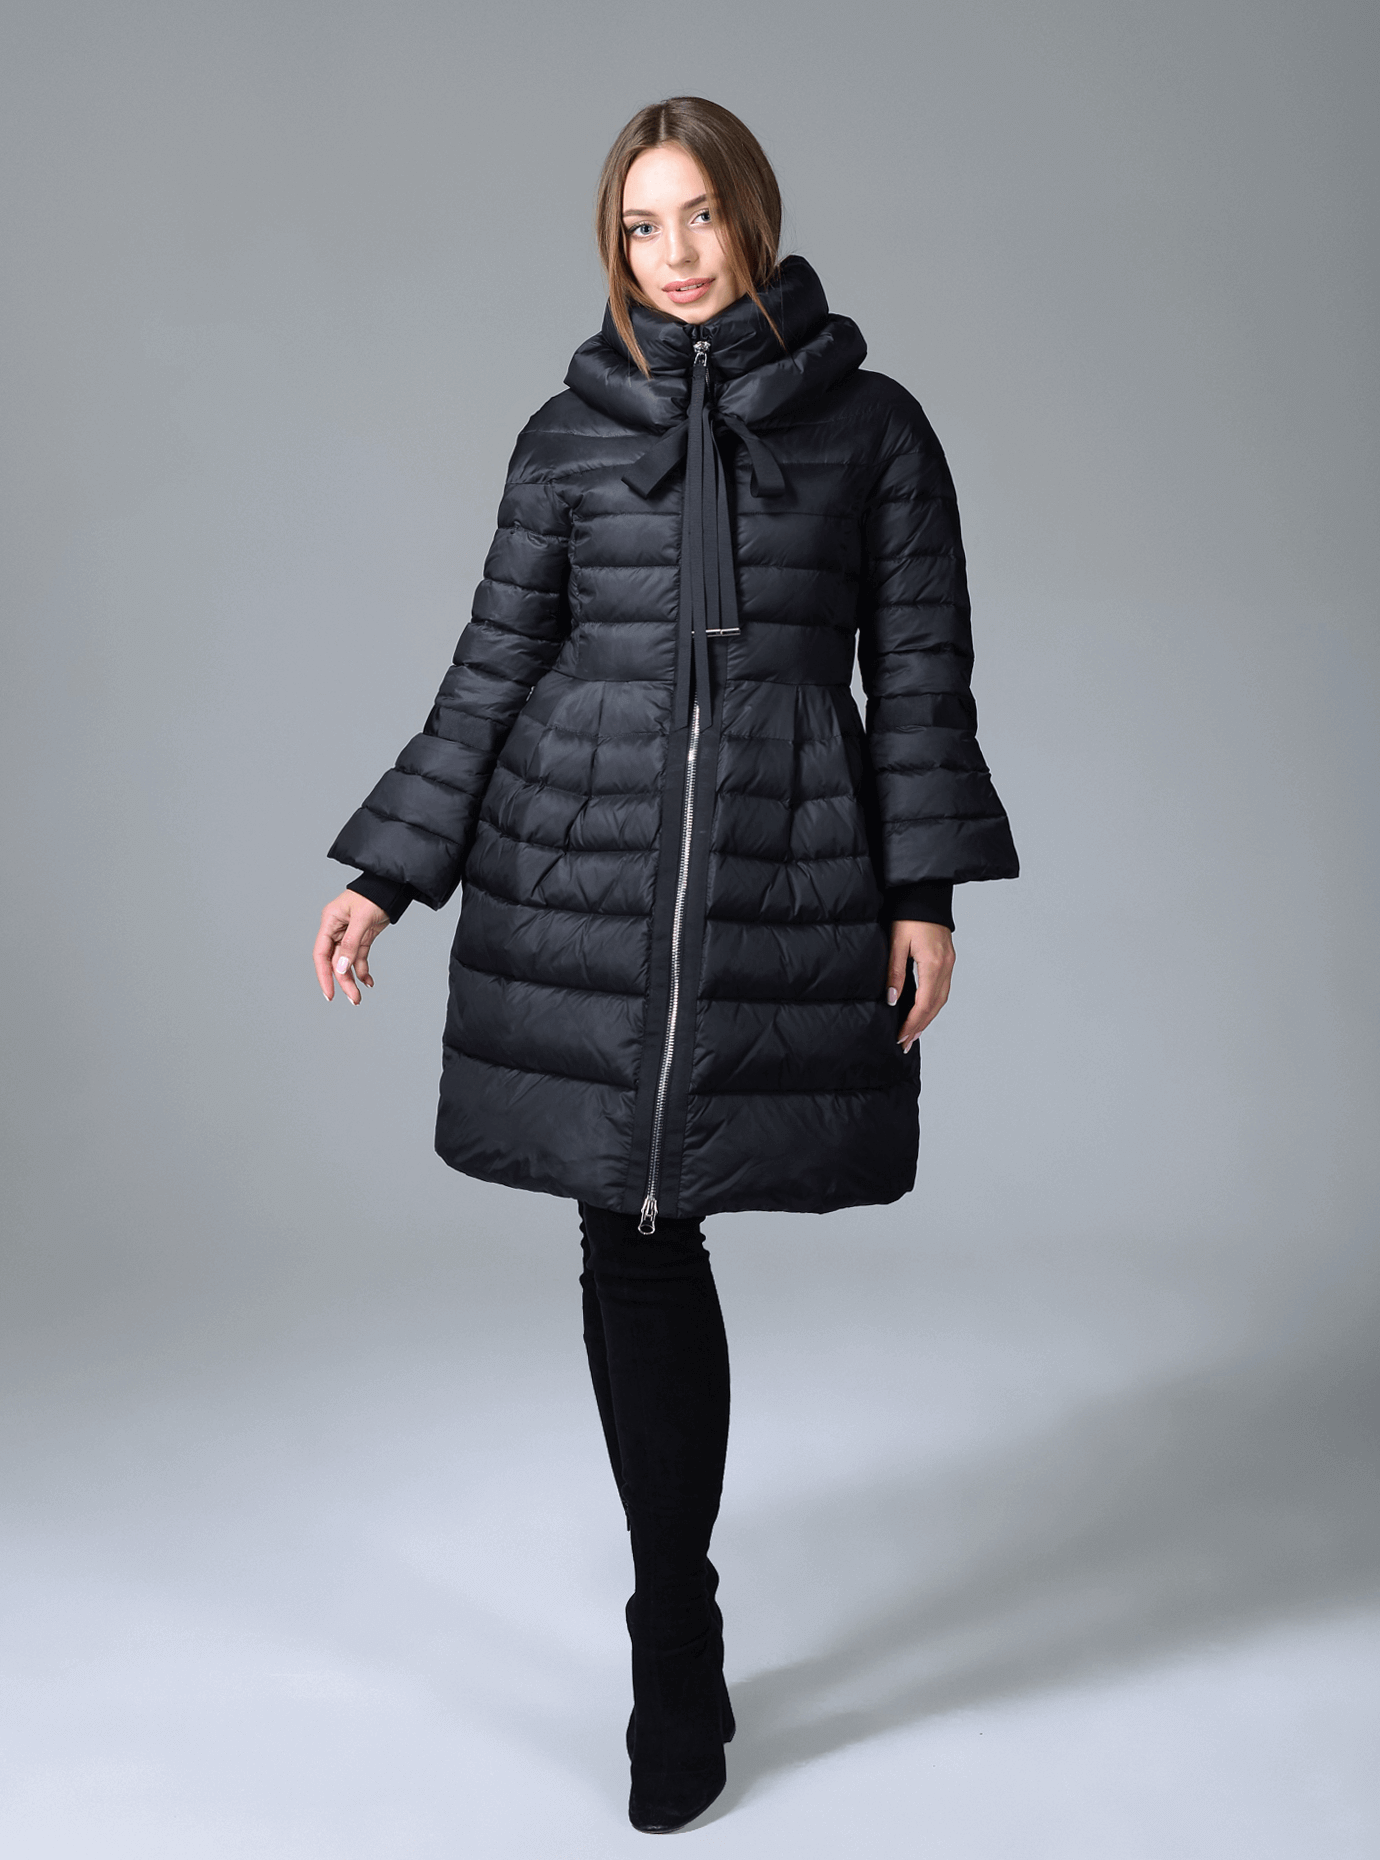 Куртка зимняя женская с манжетами Молочный M (02-CR170206): фото - Alster.ua